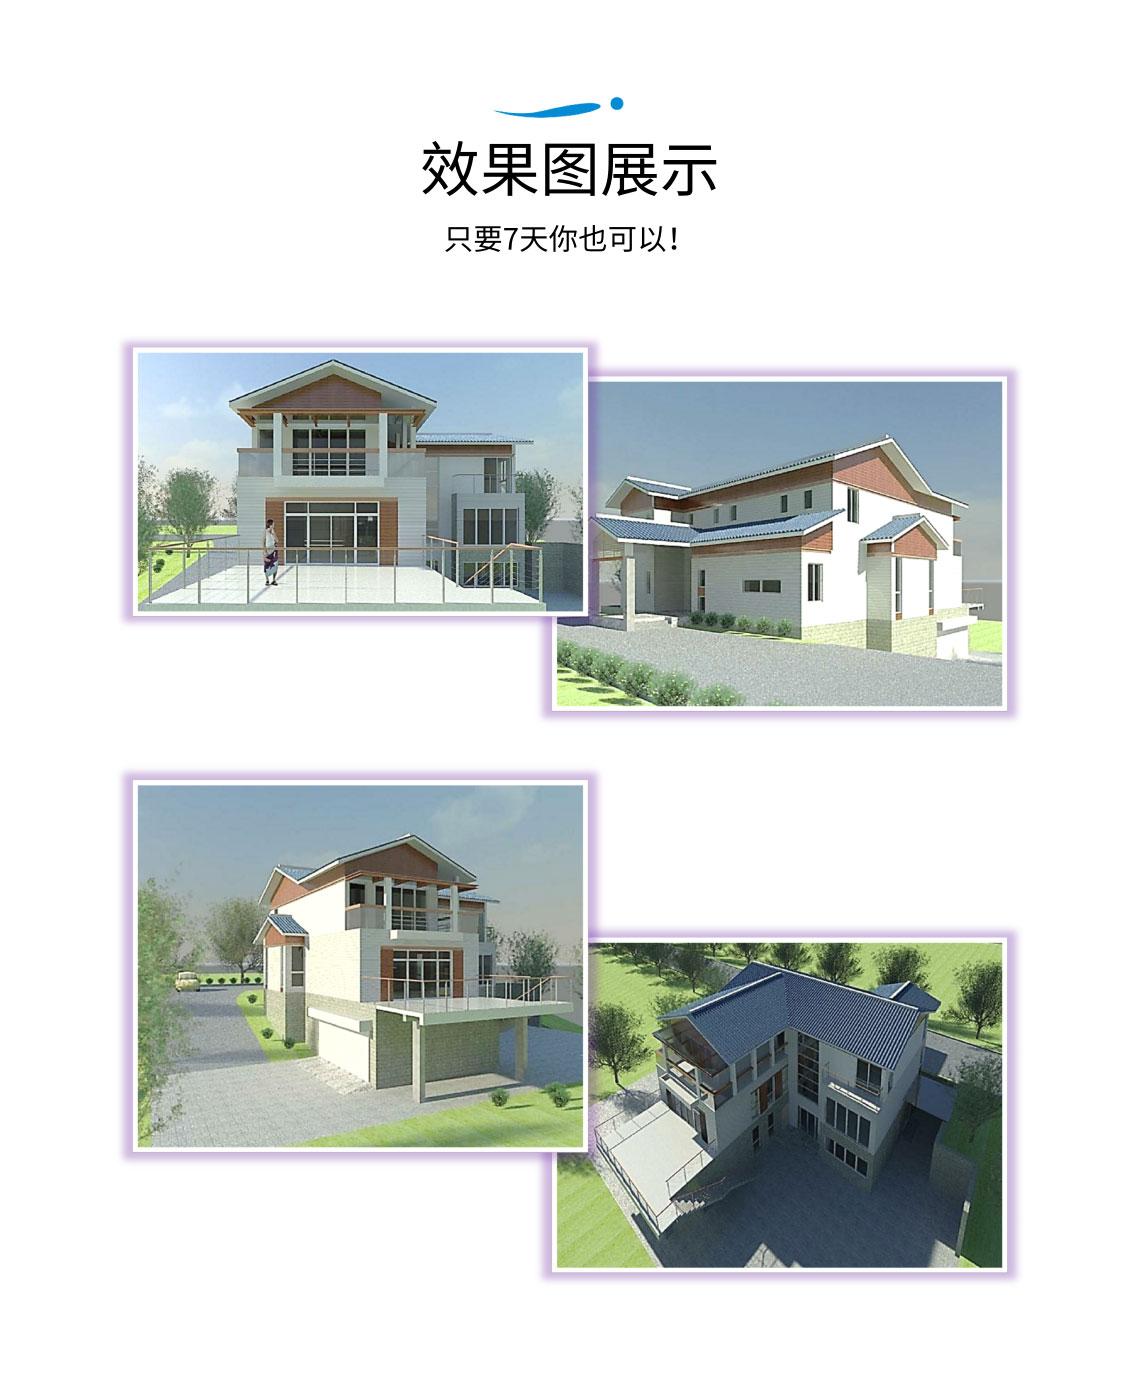 小别墅revit模型效果图展示。正立面,侧立面,俯视图,入口车道图,带你全方位认识BIM模型。bim技术应用